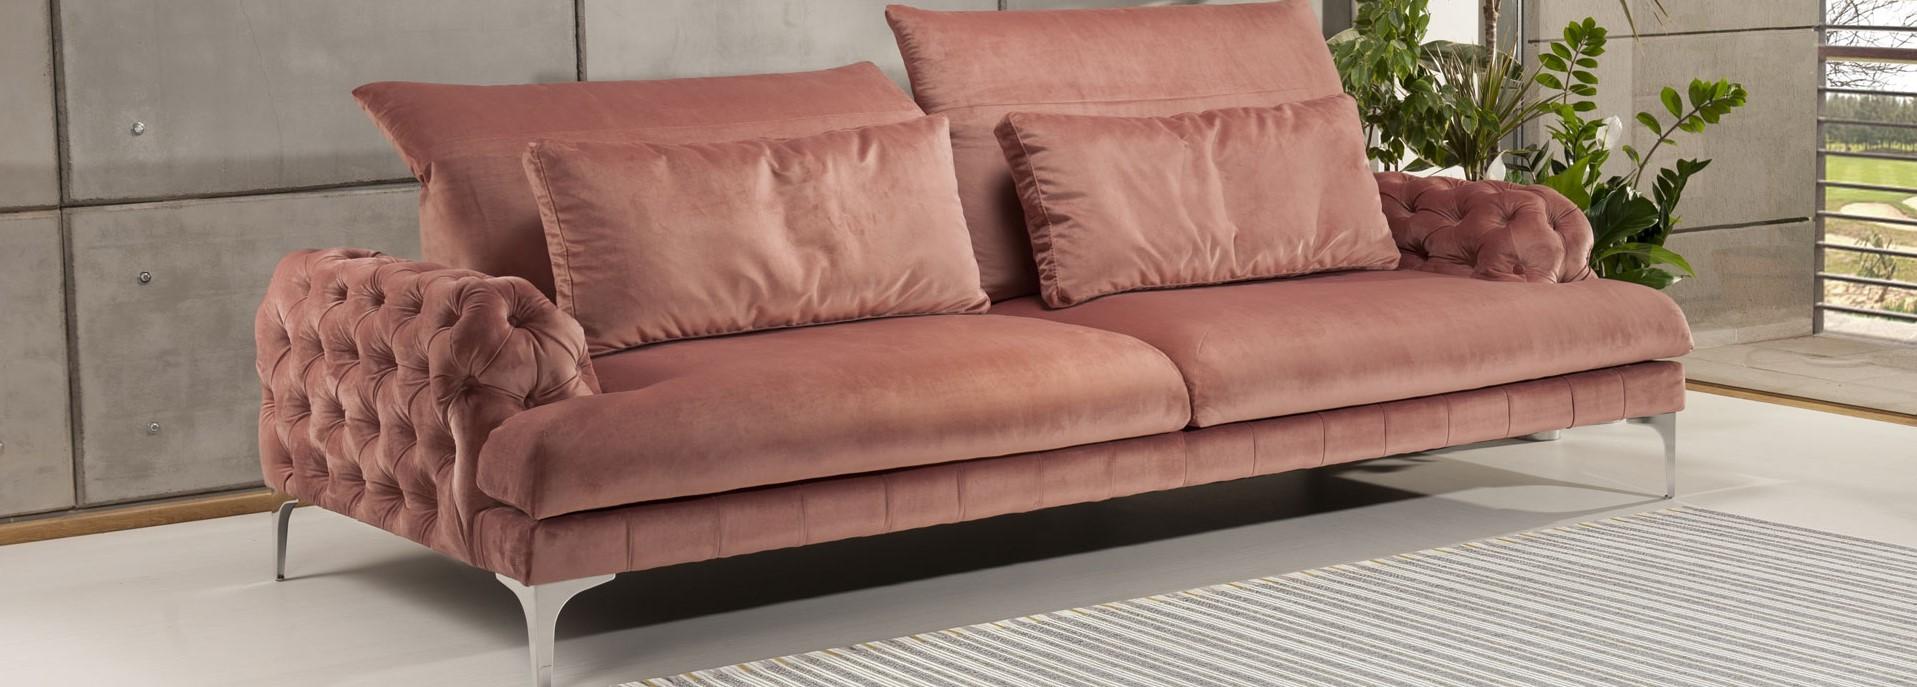 Canapea Galla Chester roz